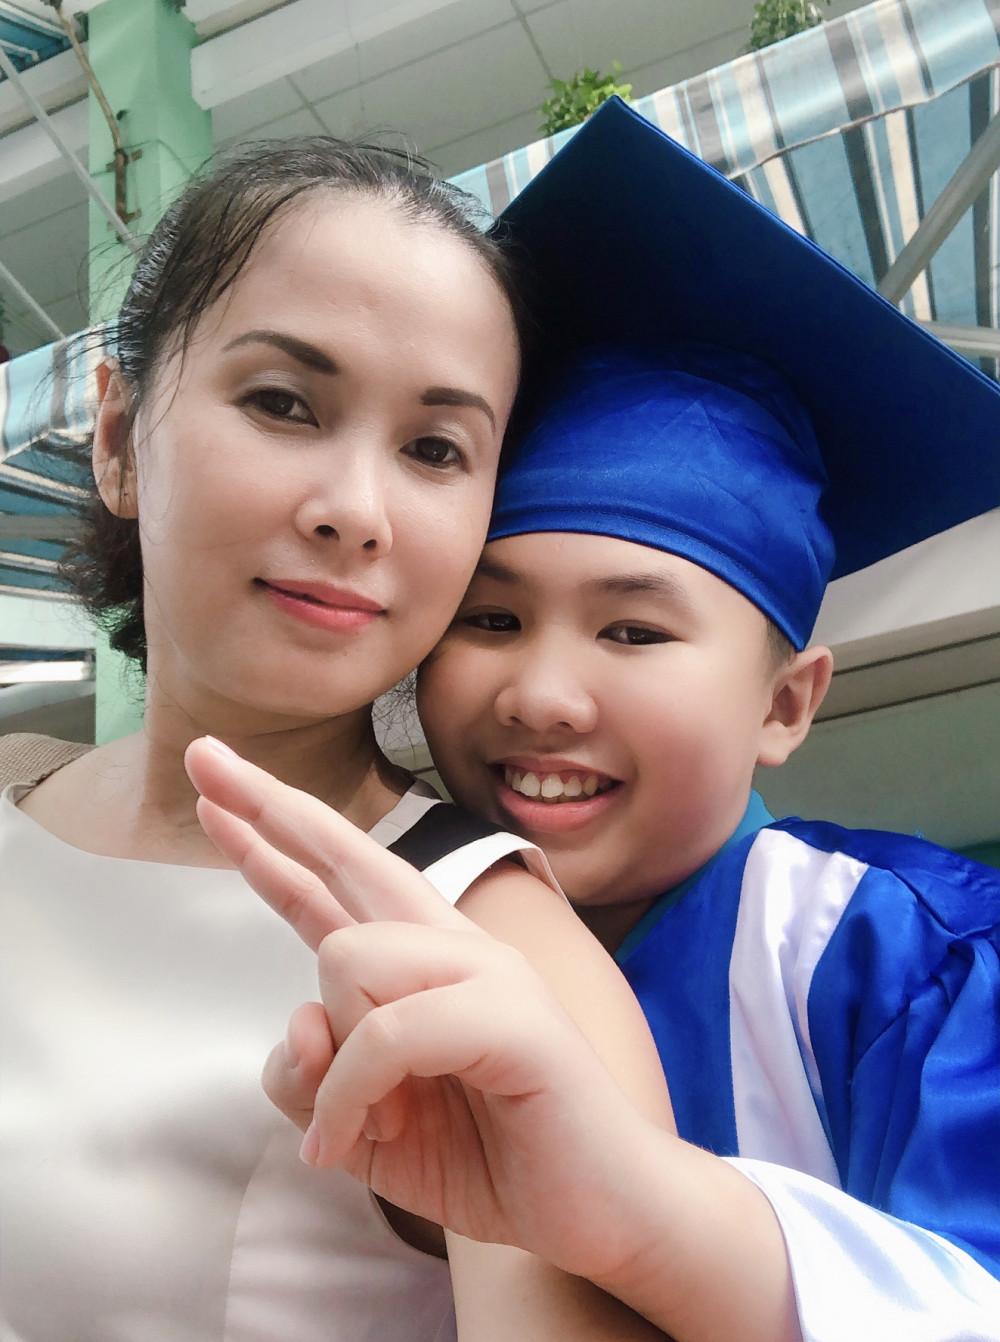 Cao Việt Quỳnh và mẹ - nhà văn Nguyễn Quỳnh Trang (ảnh nhân vật cung cấp)